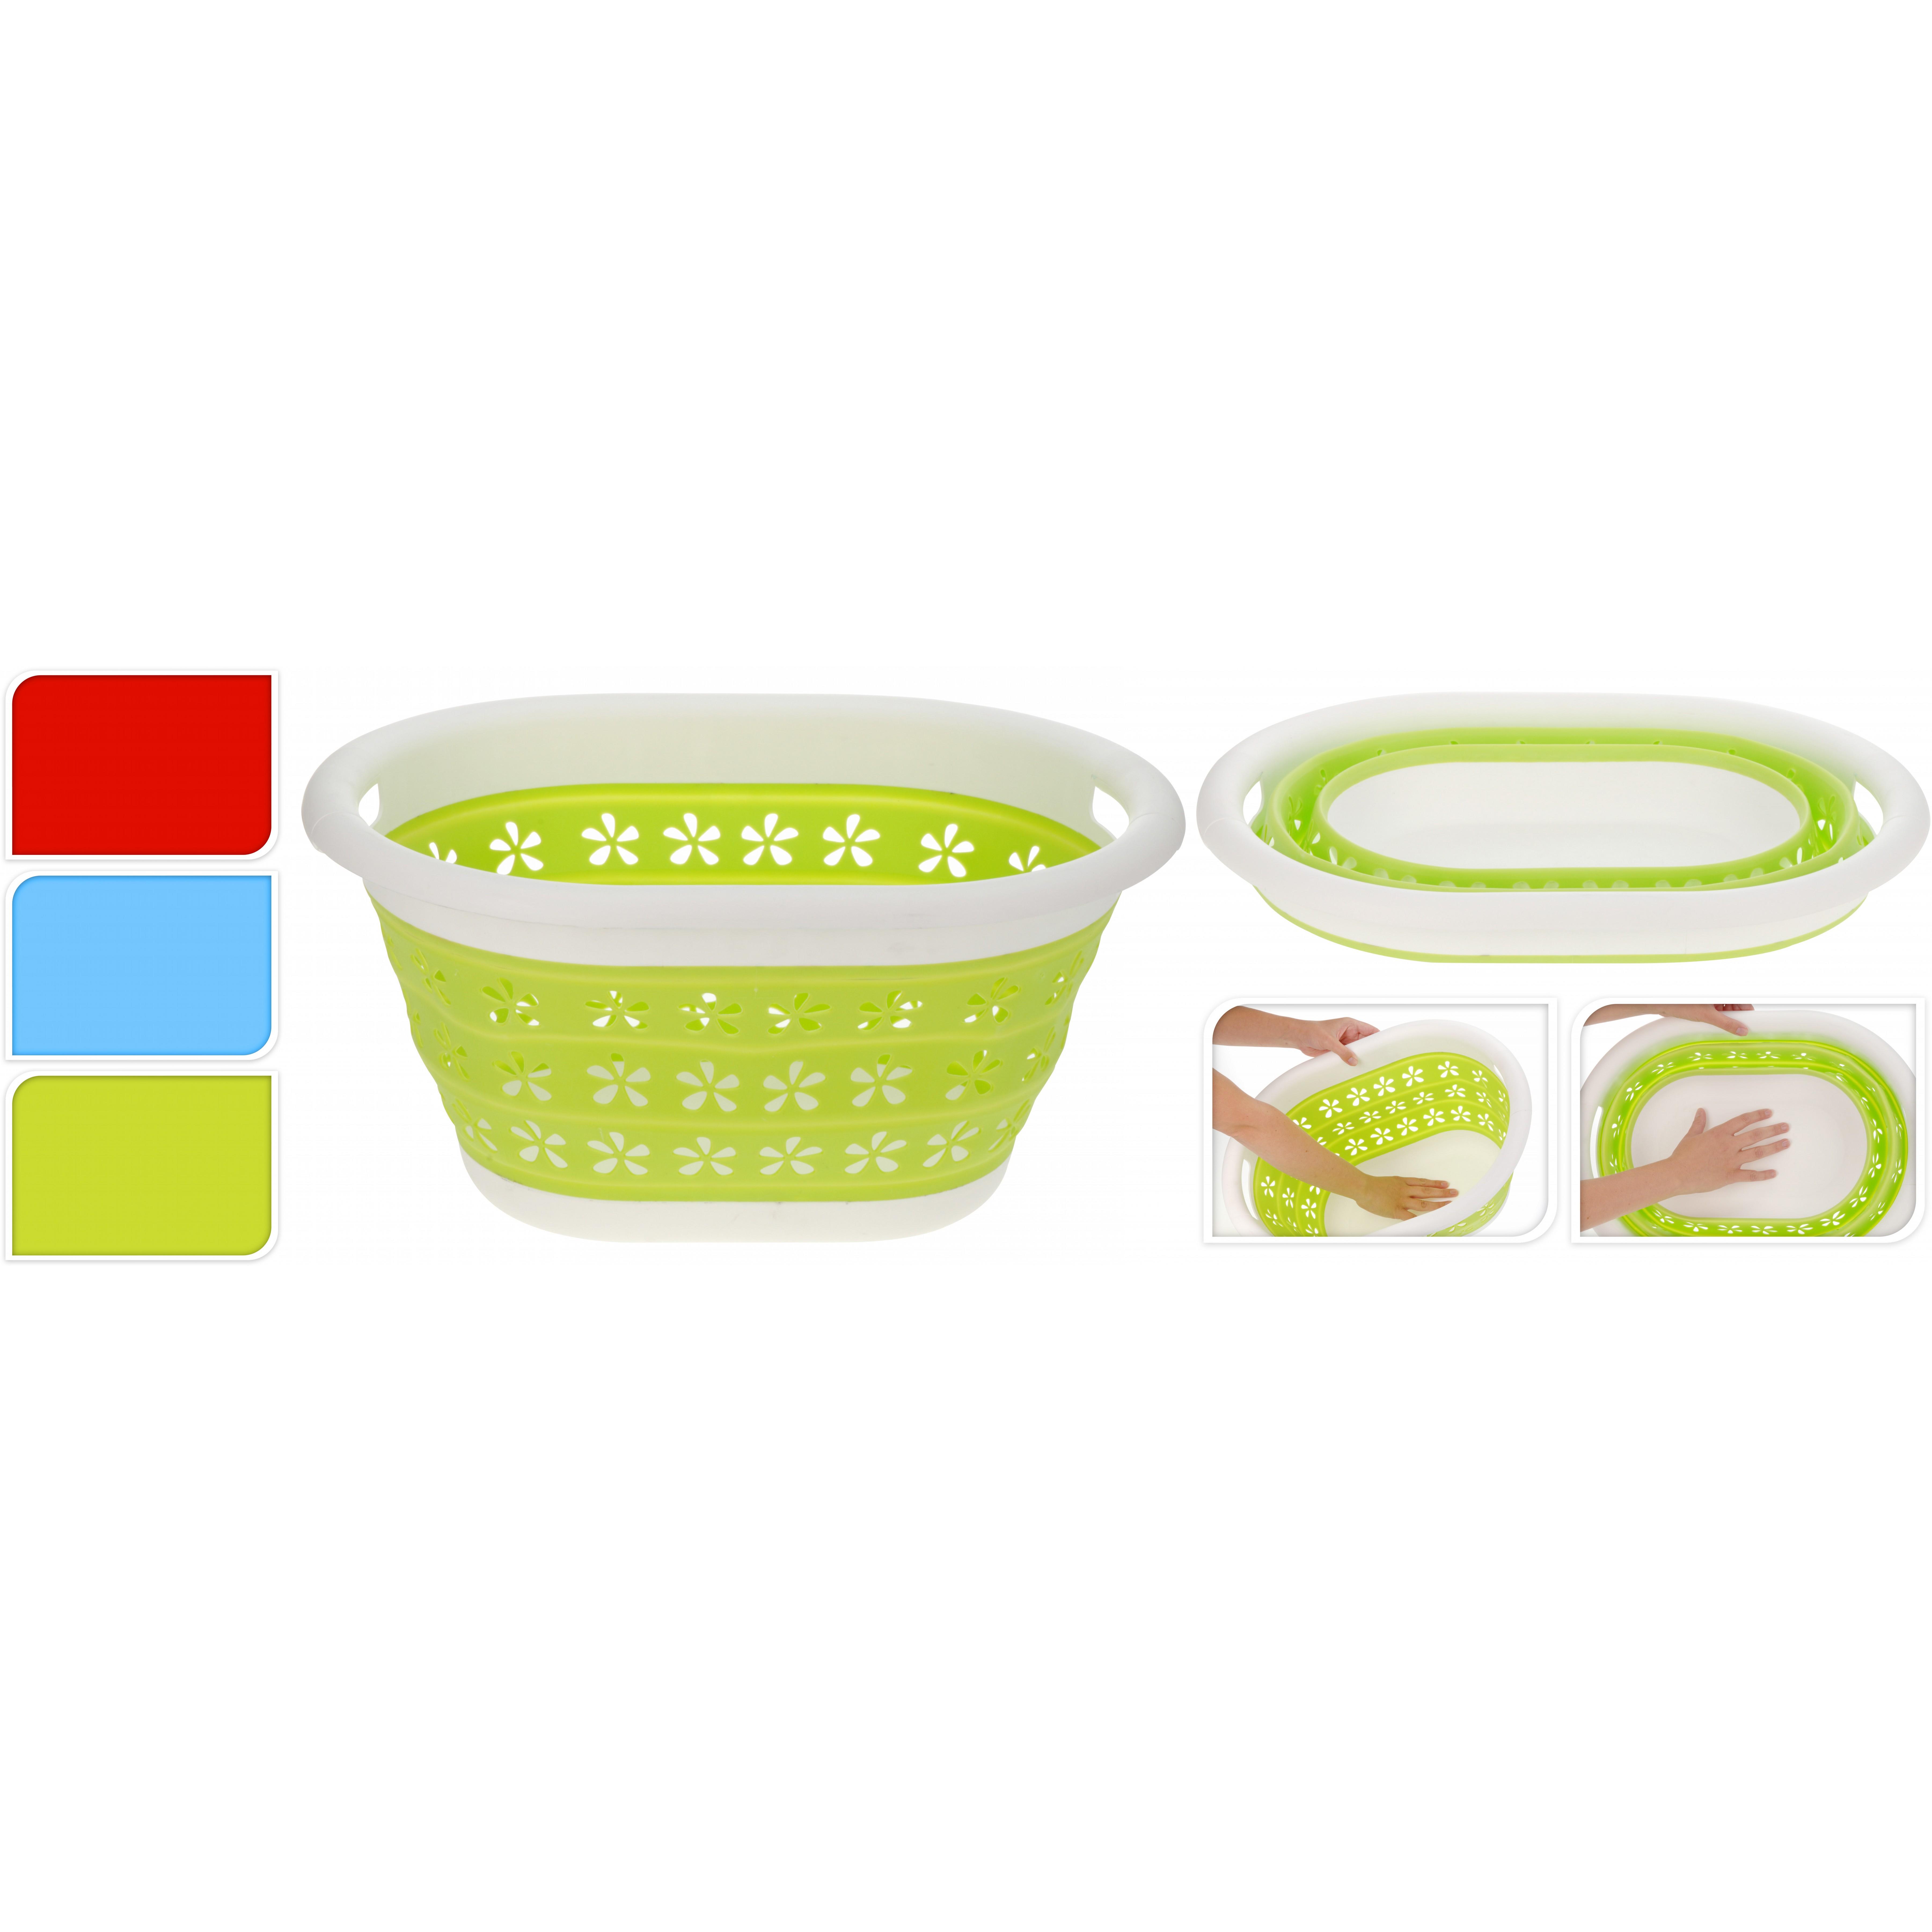 Корзина хозяйственная складнаяExcellent Houseware производит посуду и предметы домашнего обихода. Хозяйственная корзина пригодится каждому. В ней можно хранить продукты питания (картофель, лук и прочие)или различные вещи (например, полотенца). Ее можно использовать и в саду при сборе урожая. Внимание! Выбрать цвет заранее невозможно.<br>